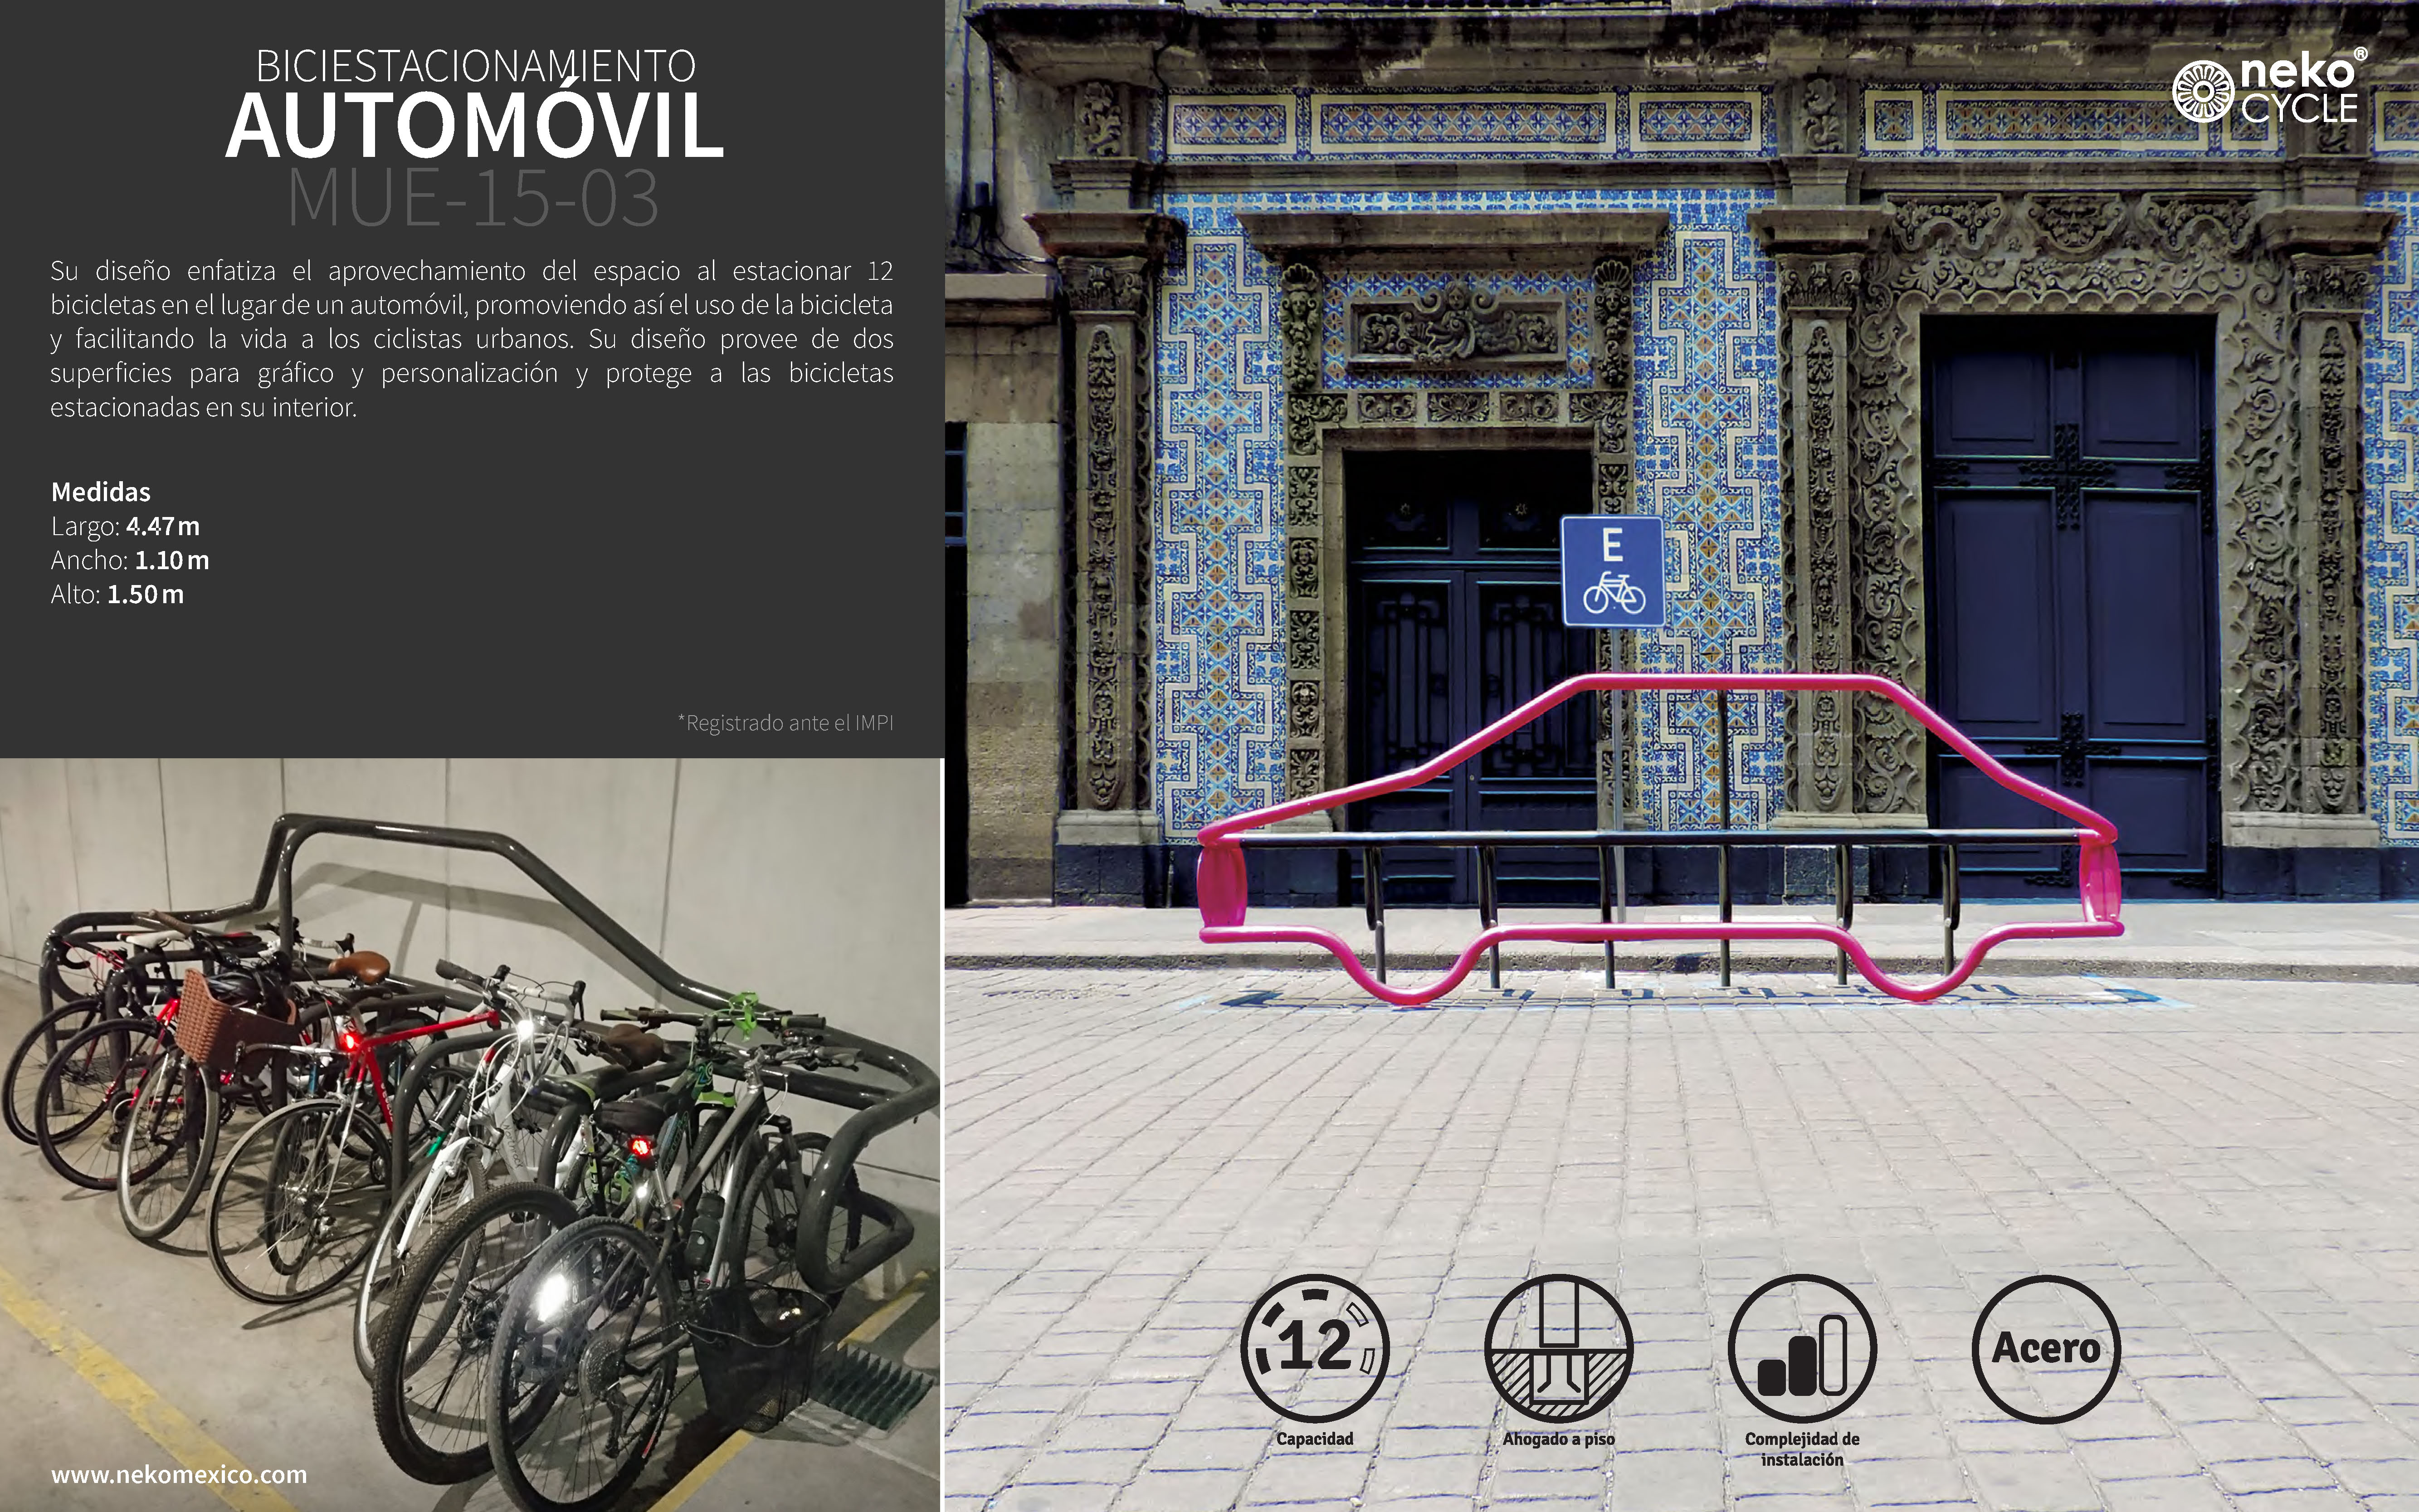 Neko_Cycle_para_Bicitekas_Página_13